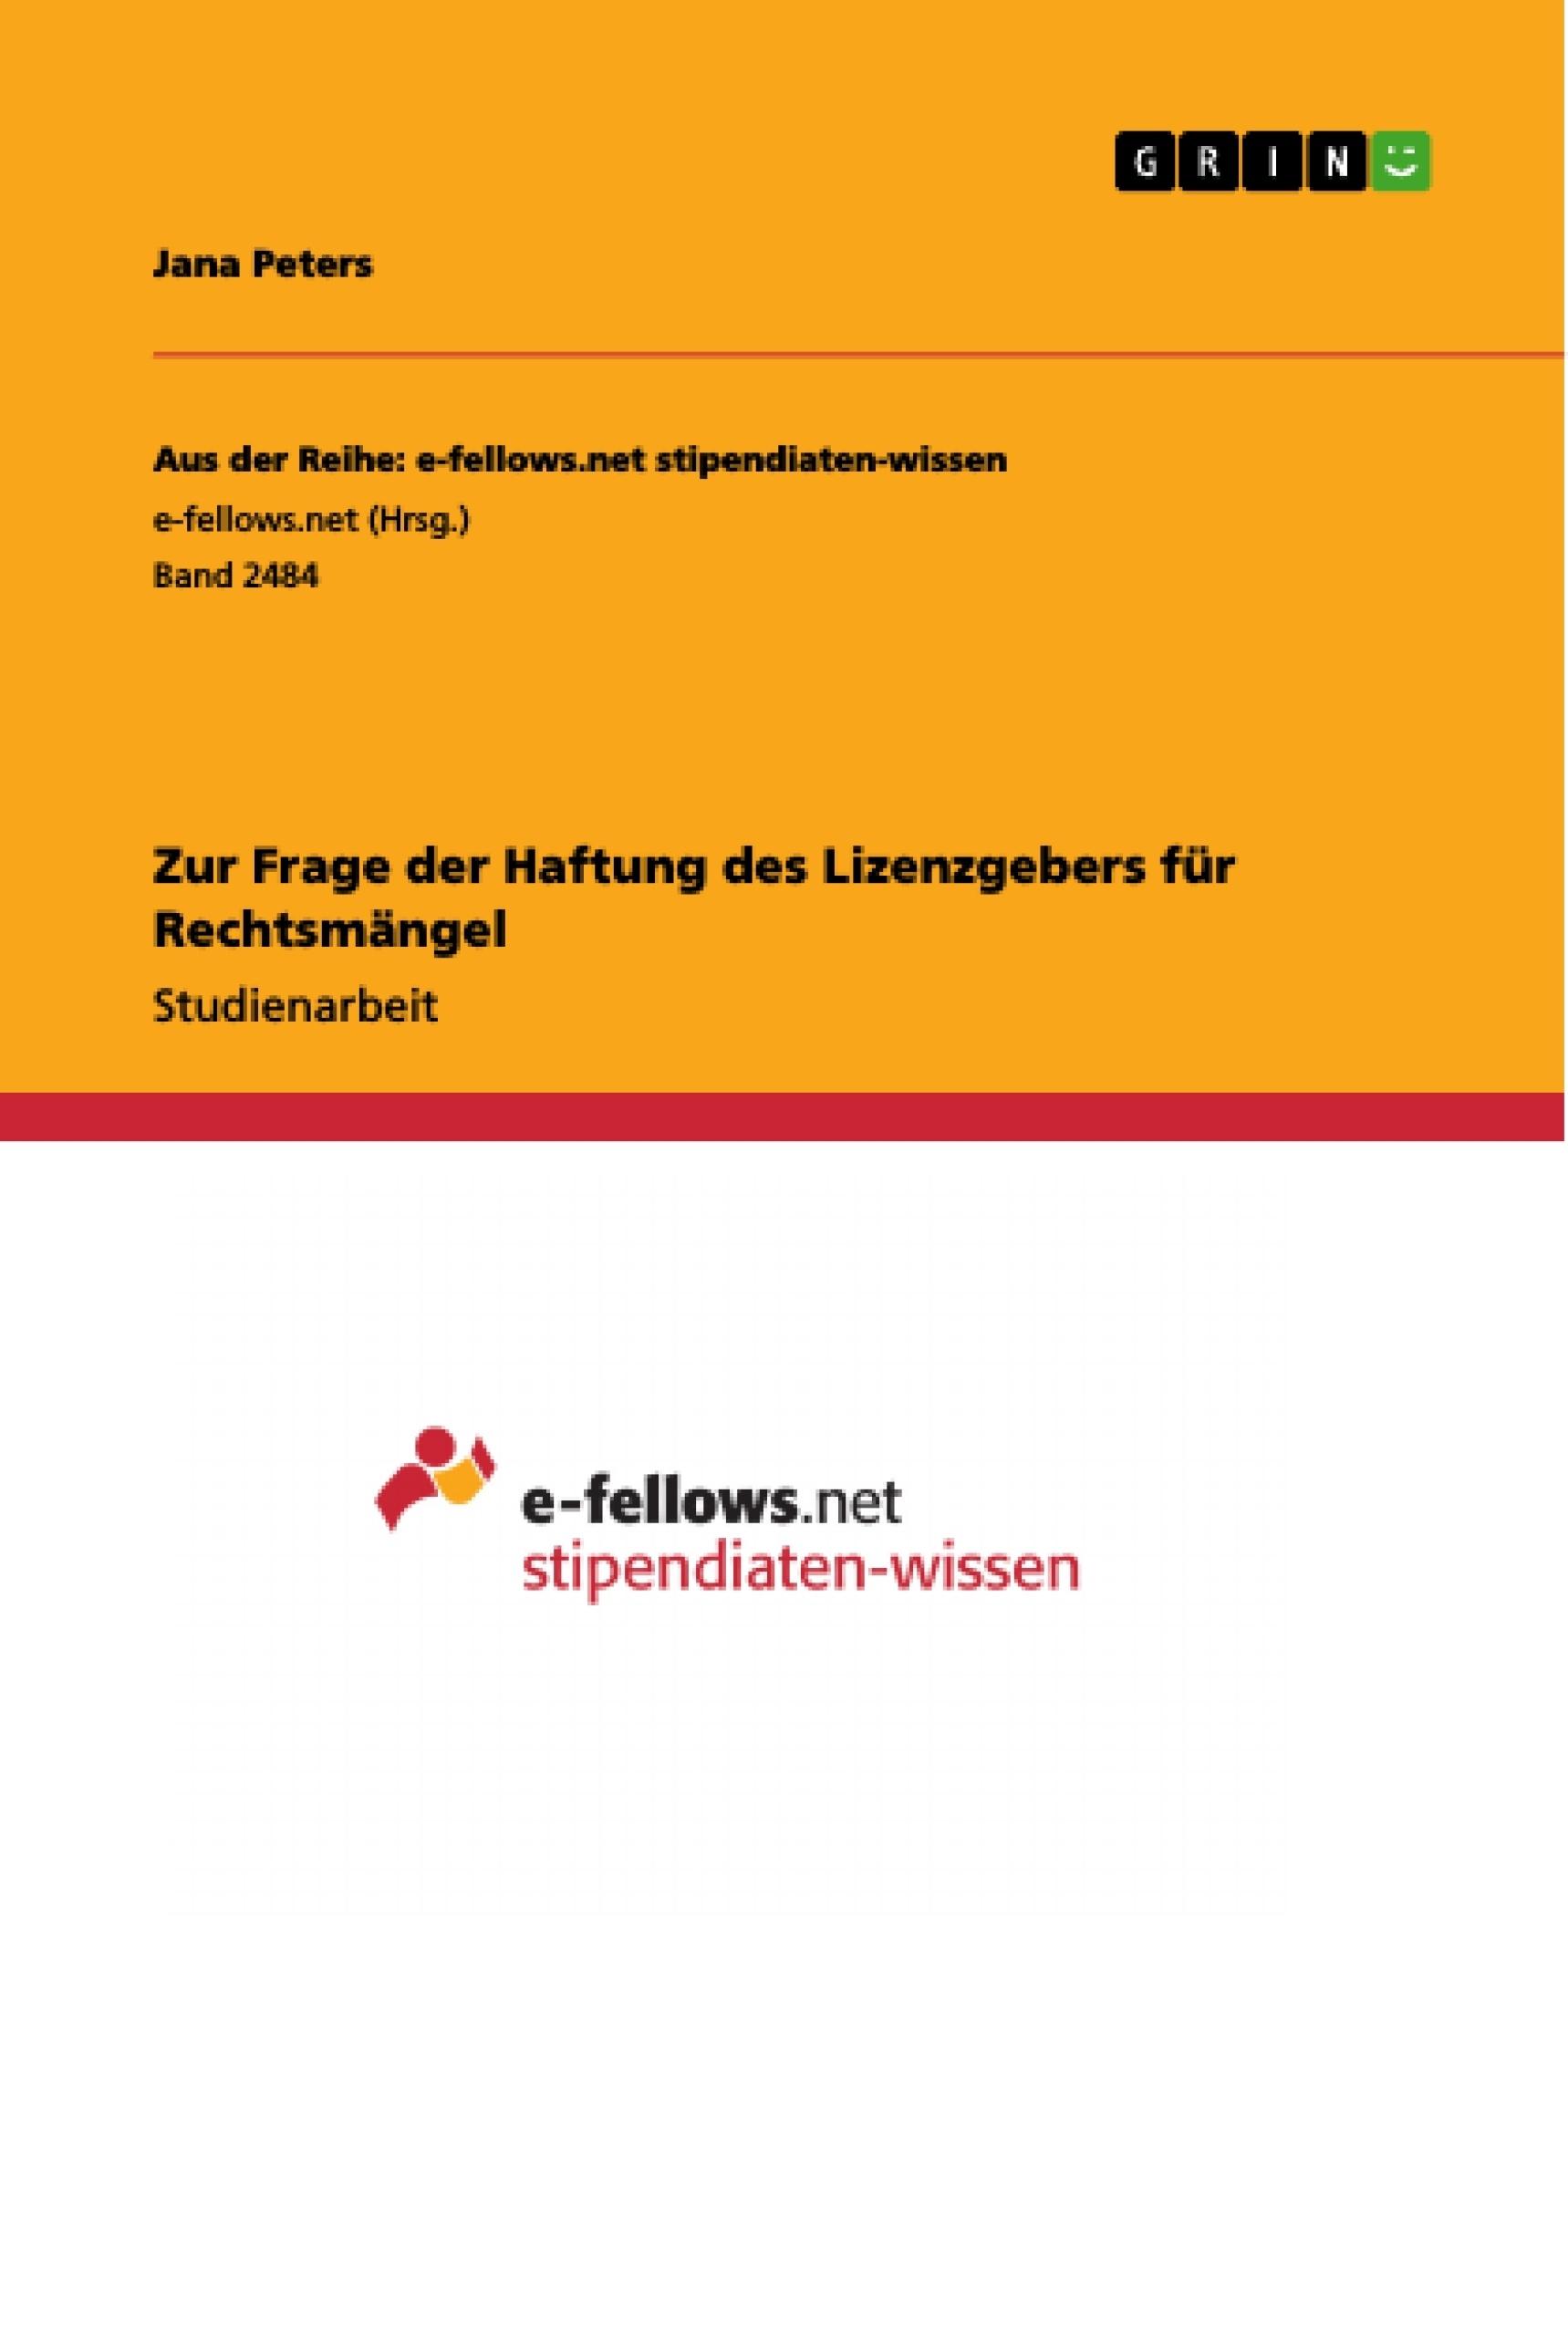 Titel: Zur Frage der Haftung des Lizenzgebers für Rechtsmängel